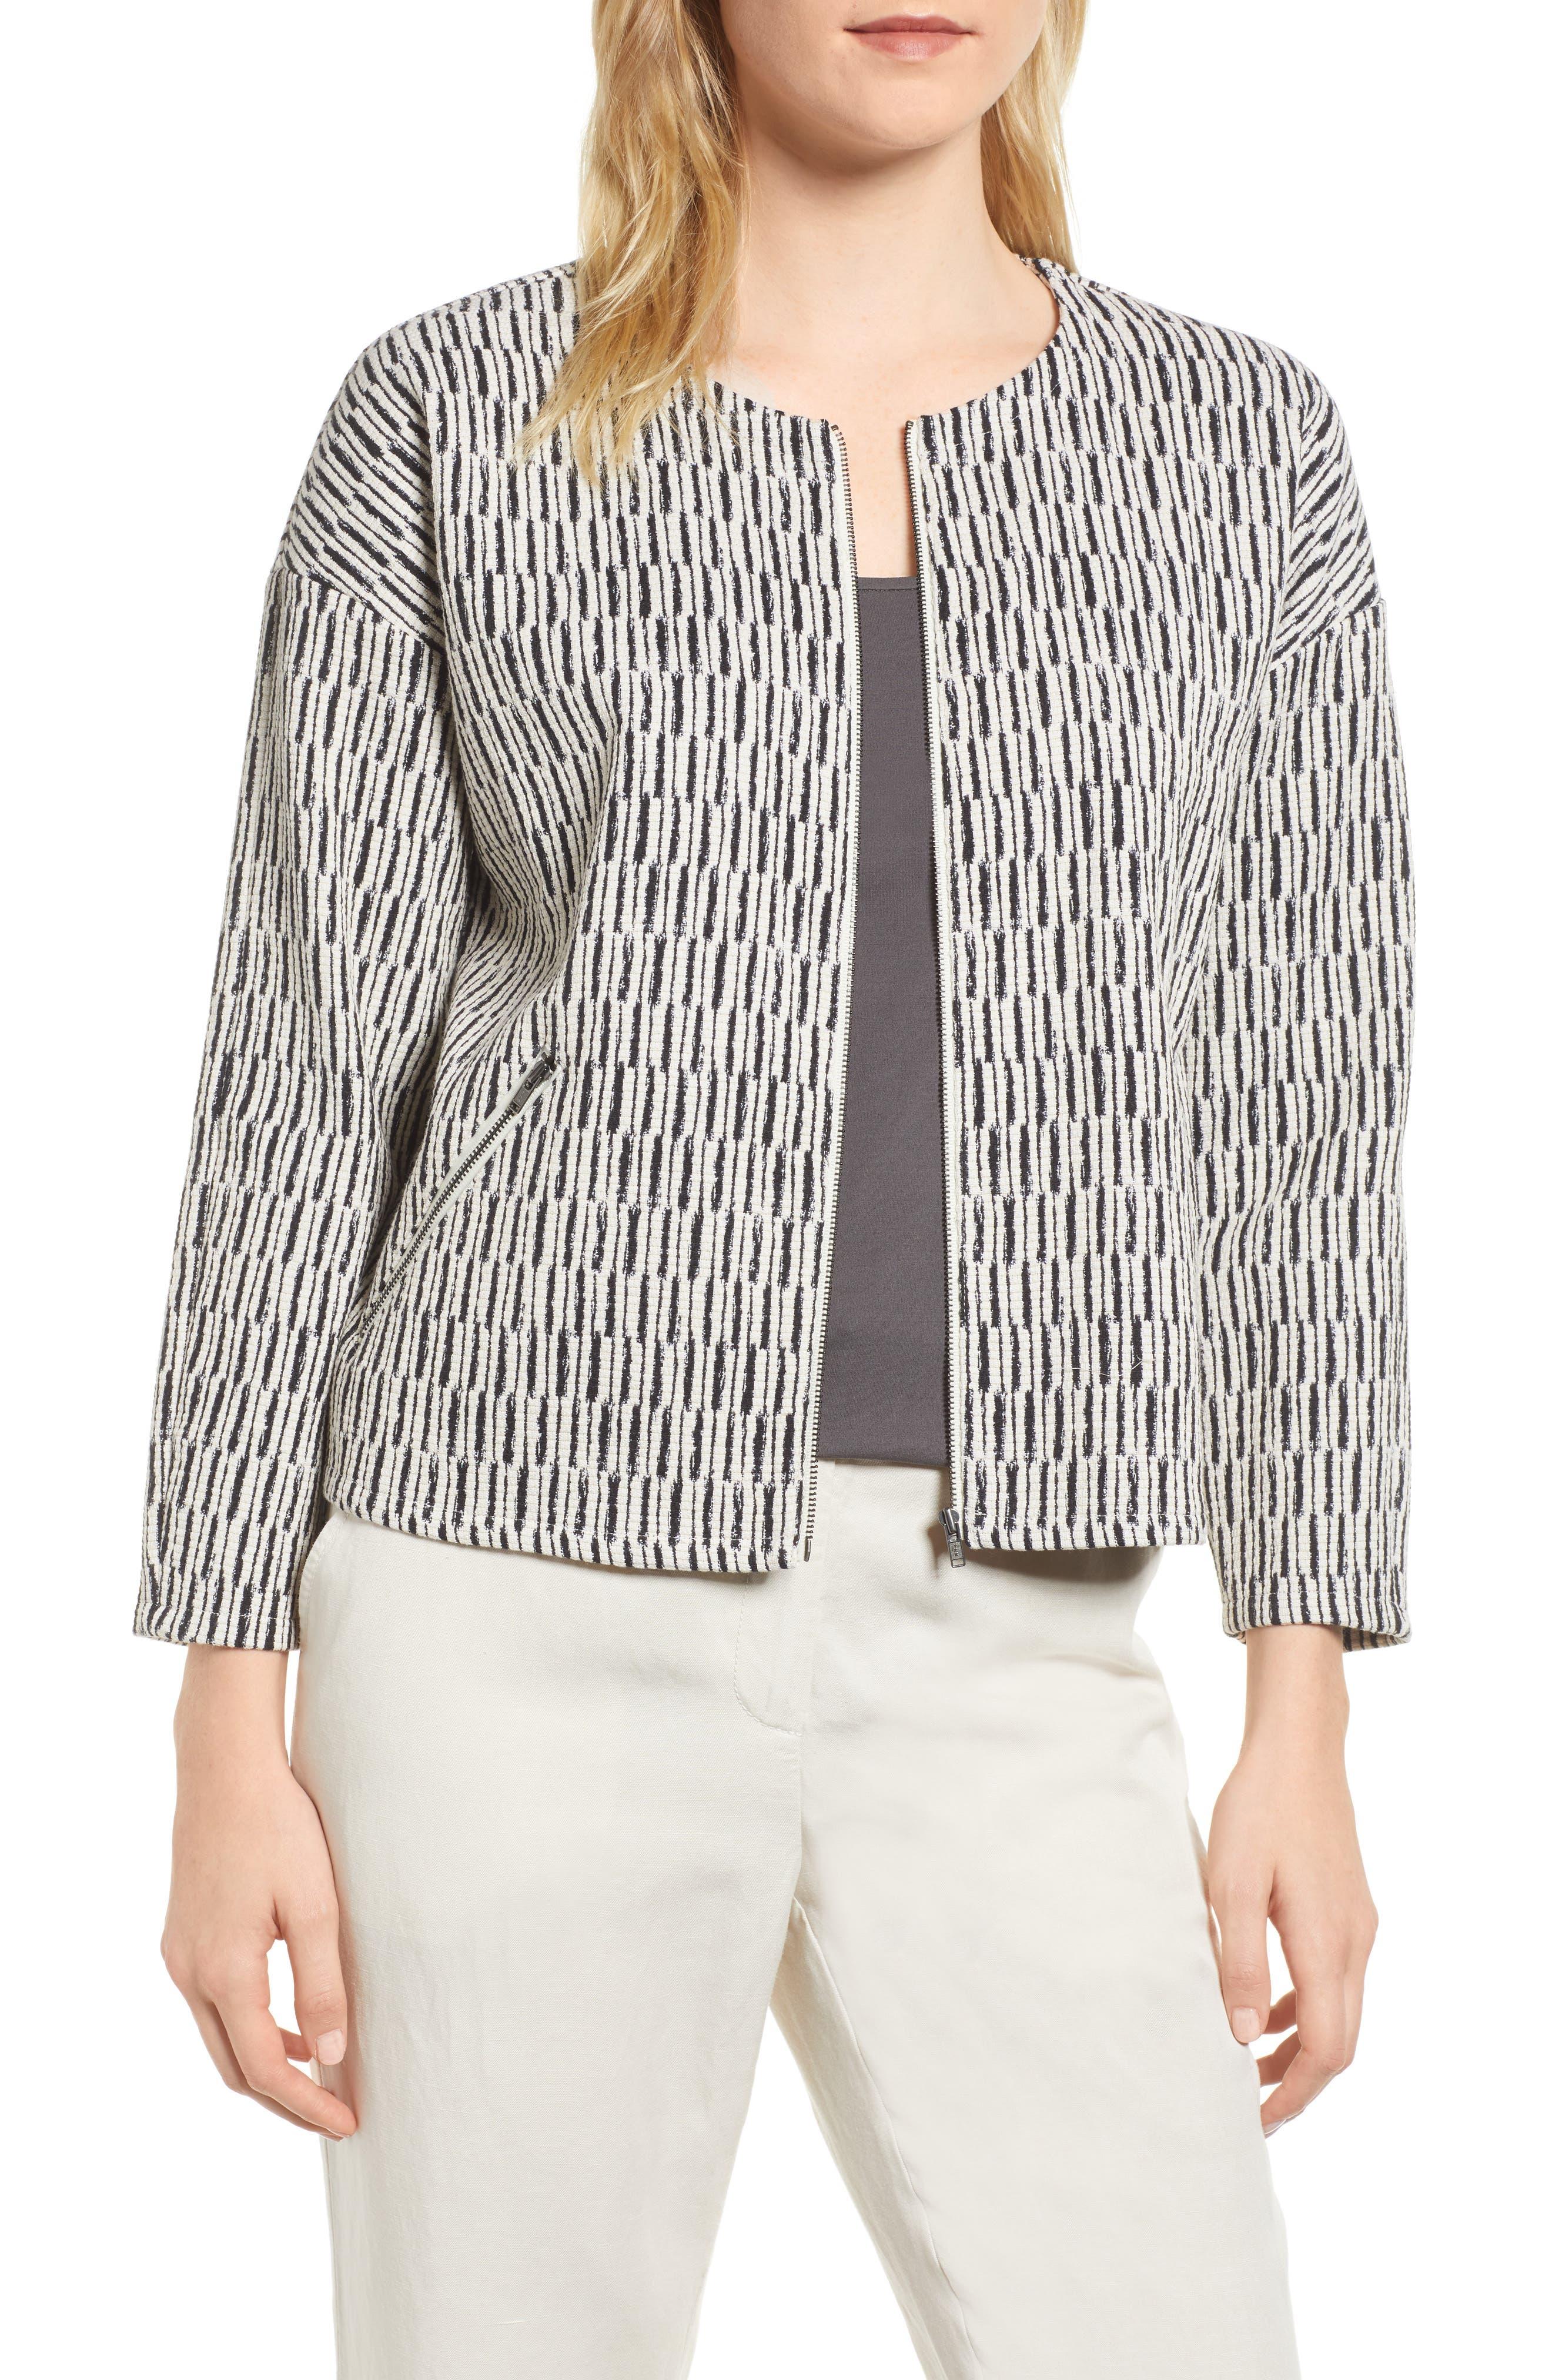 Alternate Image 1 Selected - Eileen Fisher Tweed Jacket